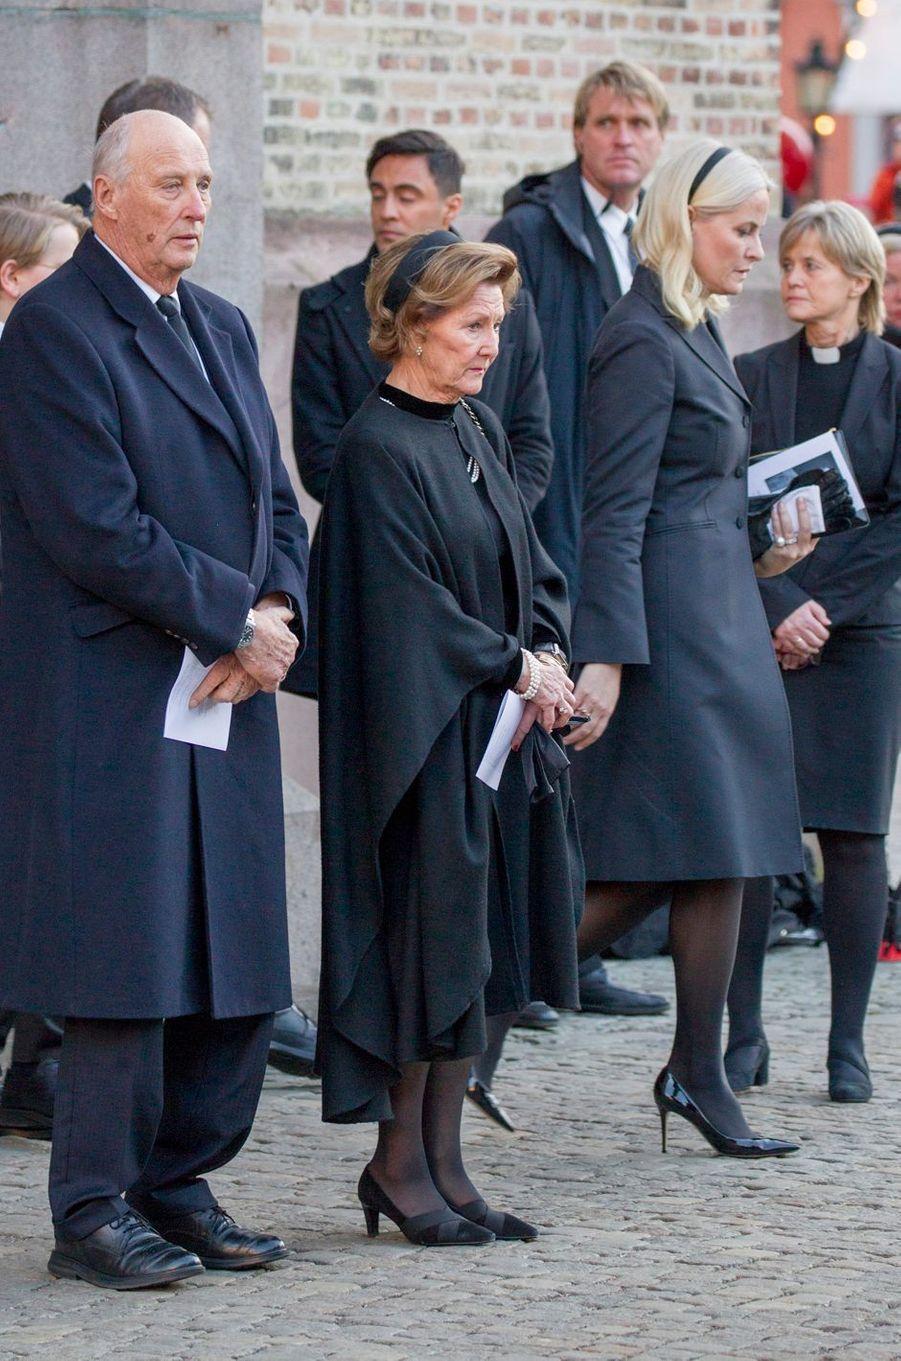 Le roi Harald V de Norvège, la reine Sonja et la princesse Mette-Marit, à Oslo le 3 janvier 2019